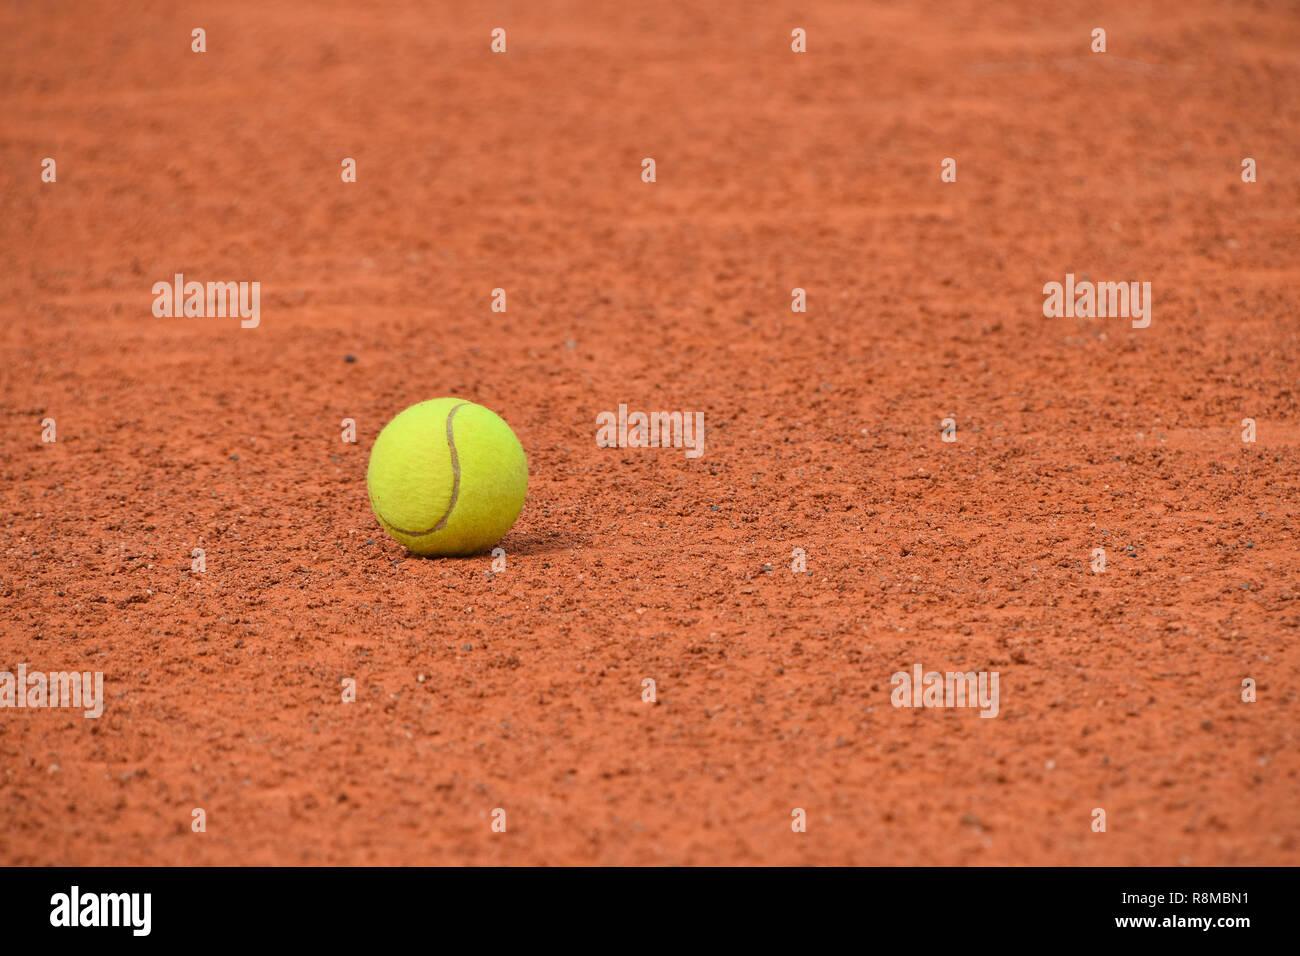 Près d'un feutre jaune balle de tennis sur un sol argileux brun rouge court, low angle view Banque D'Images